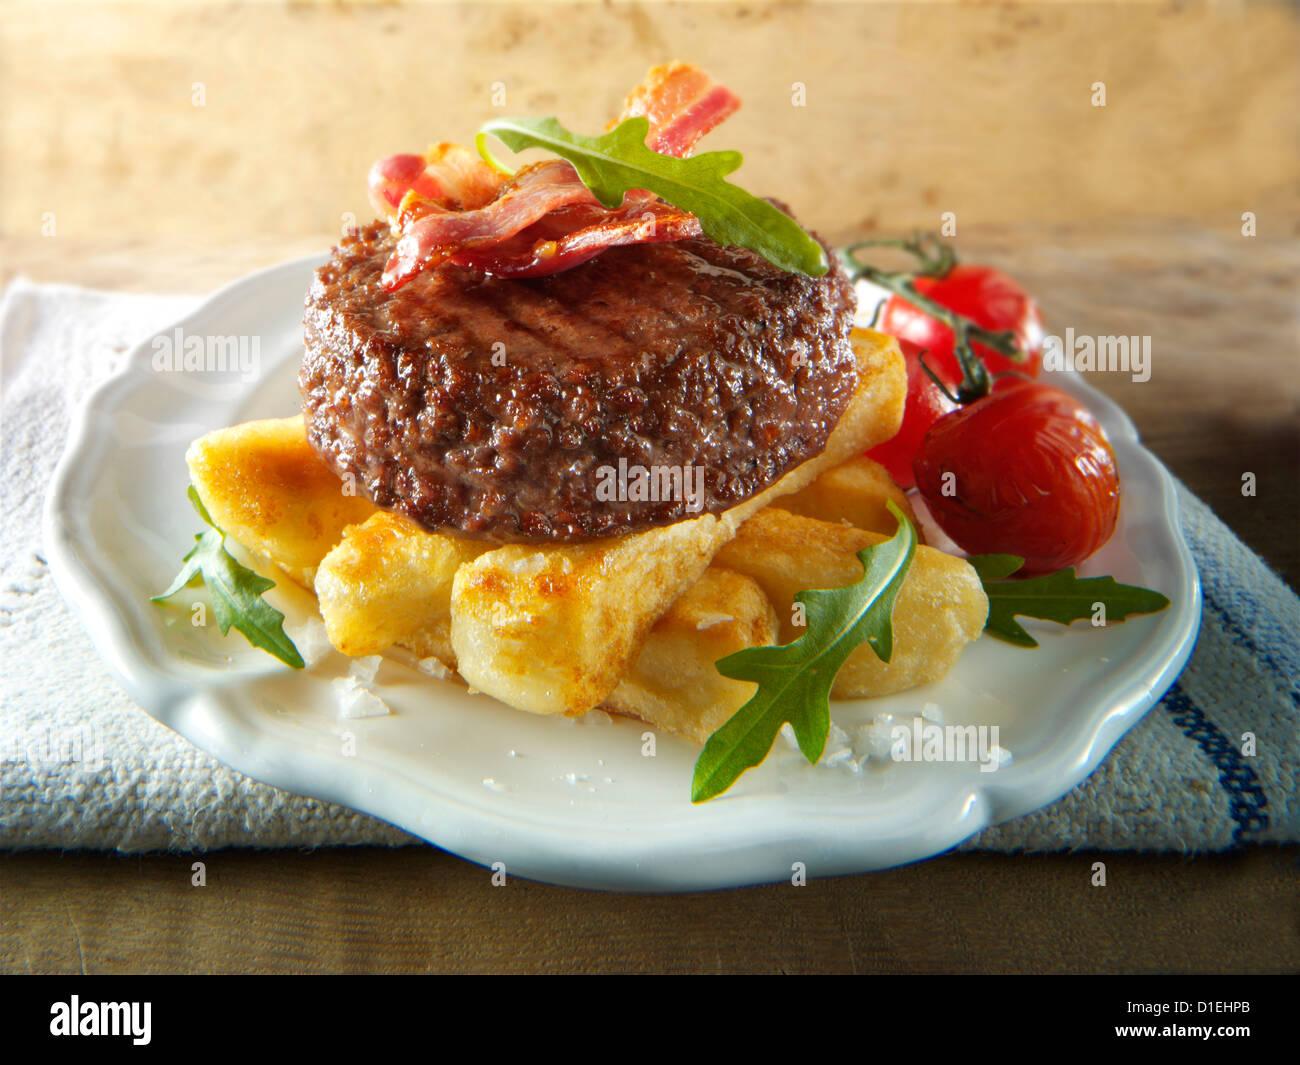 Gegrilltes Rindfleisch-Burger mit klobigen Pommes Frites und Salat Fotos Char. Funky Stockfotos Stockbild